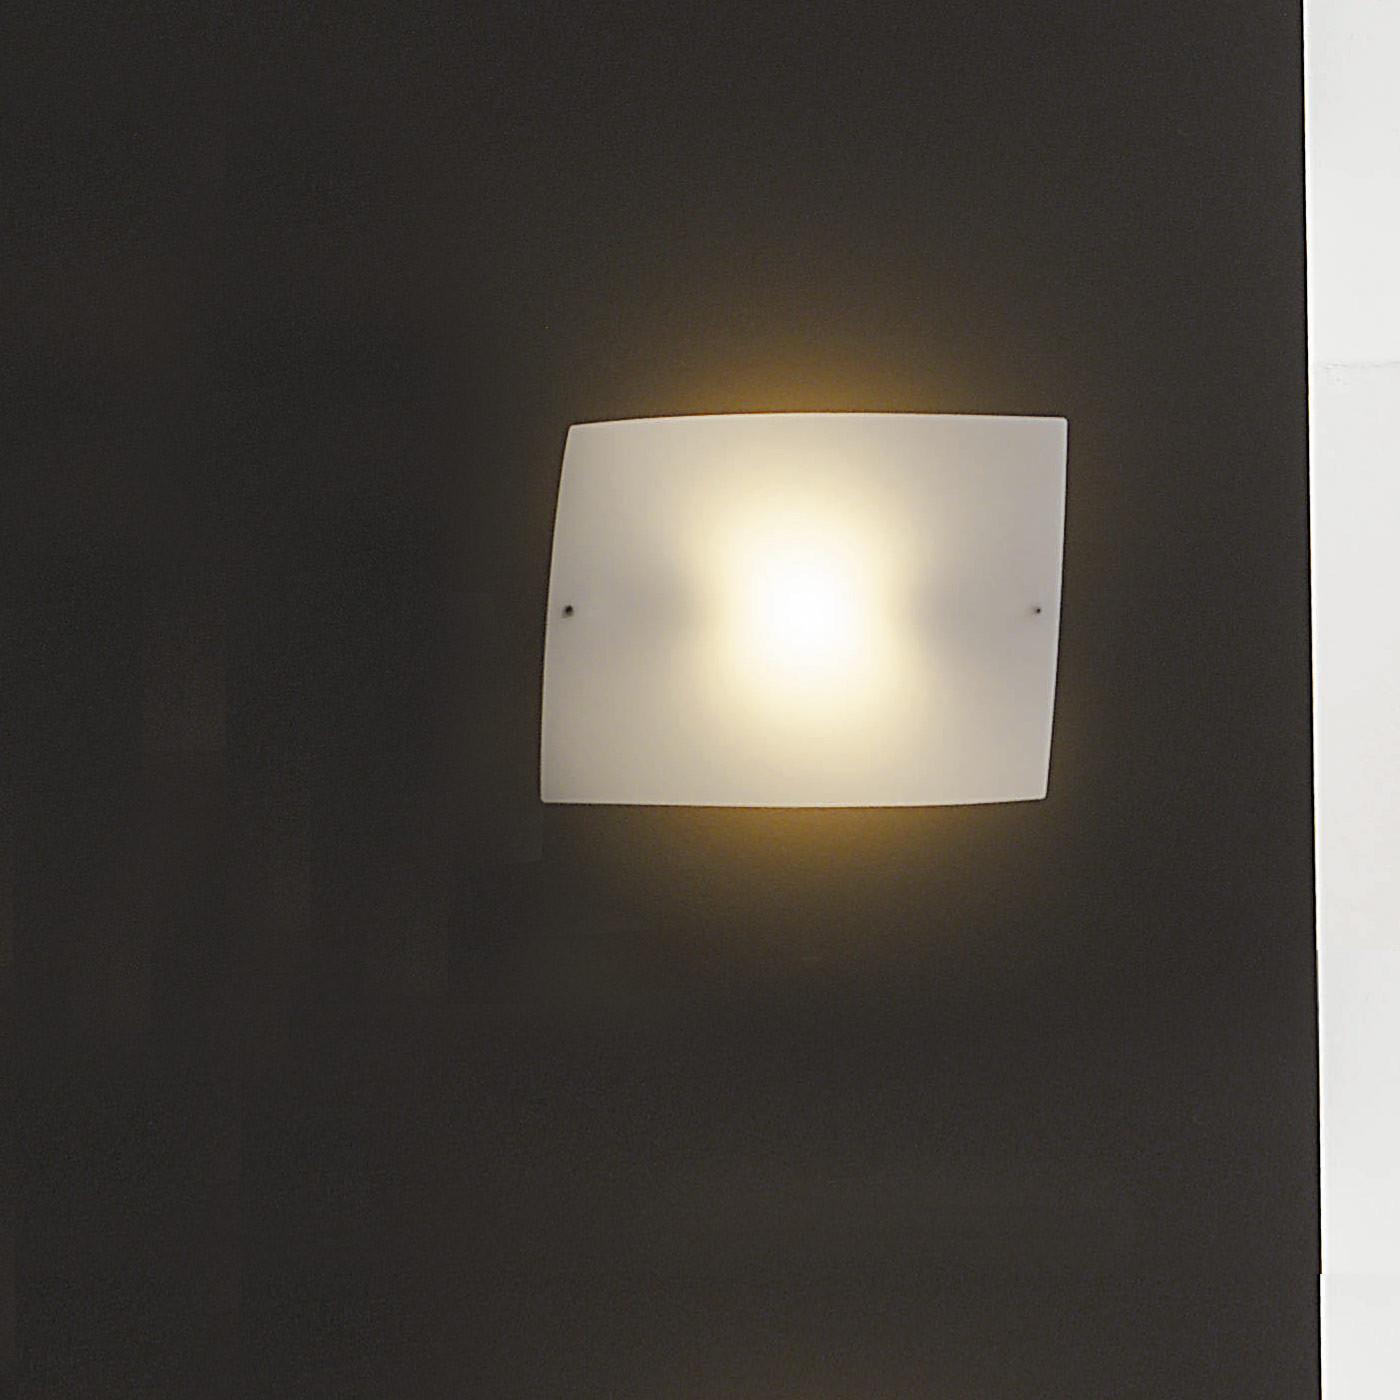 Foscarini Folio Parete.Foscarini Folio Piccola Parete Wall Lamp At Nostraforma